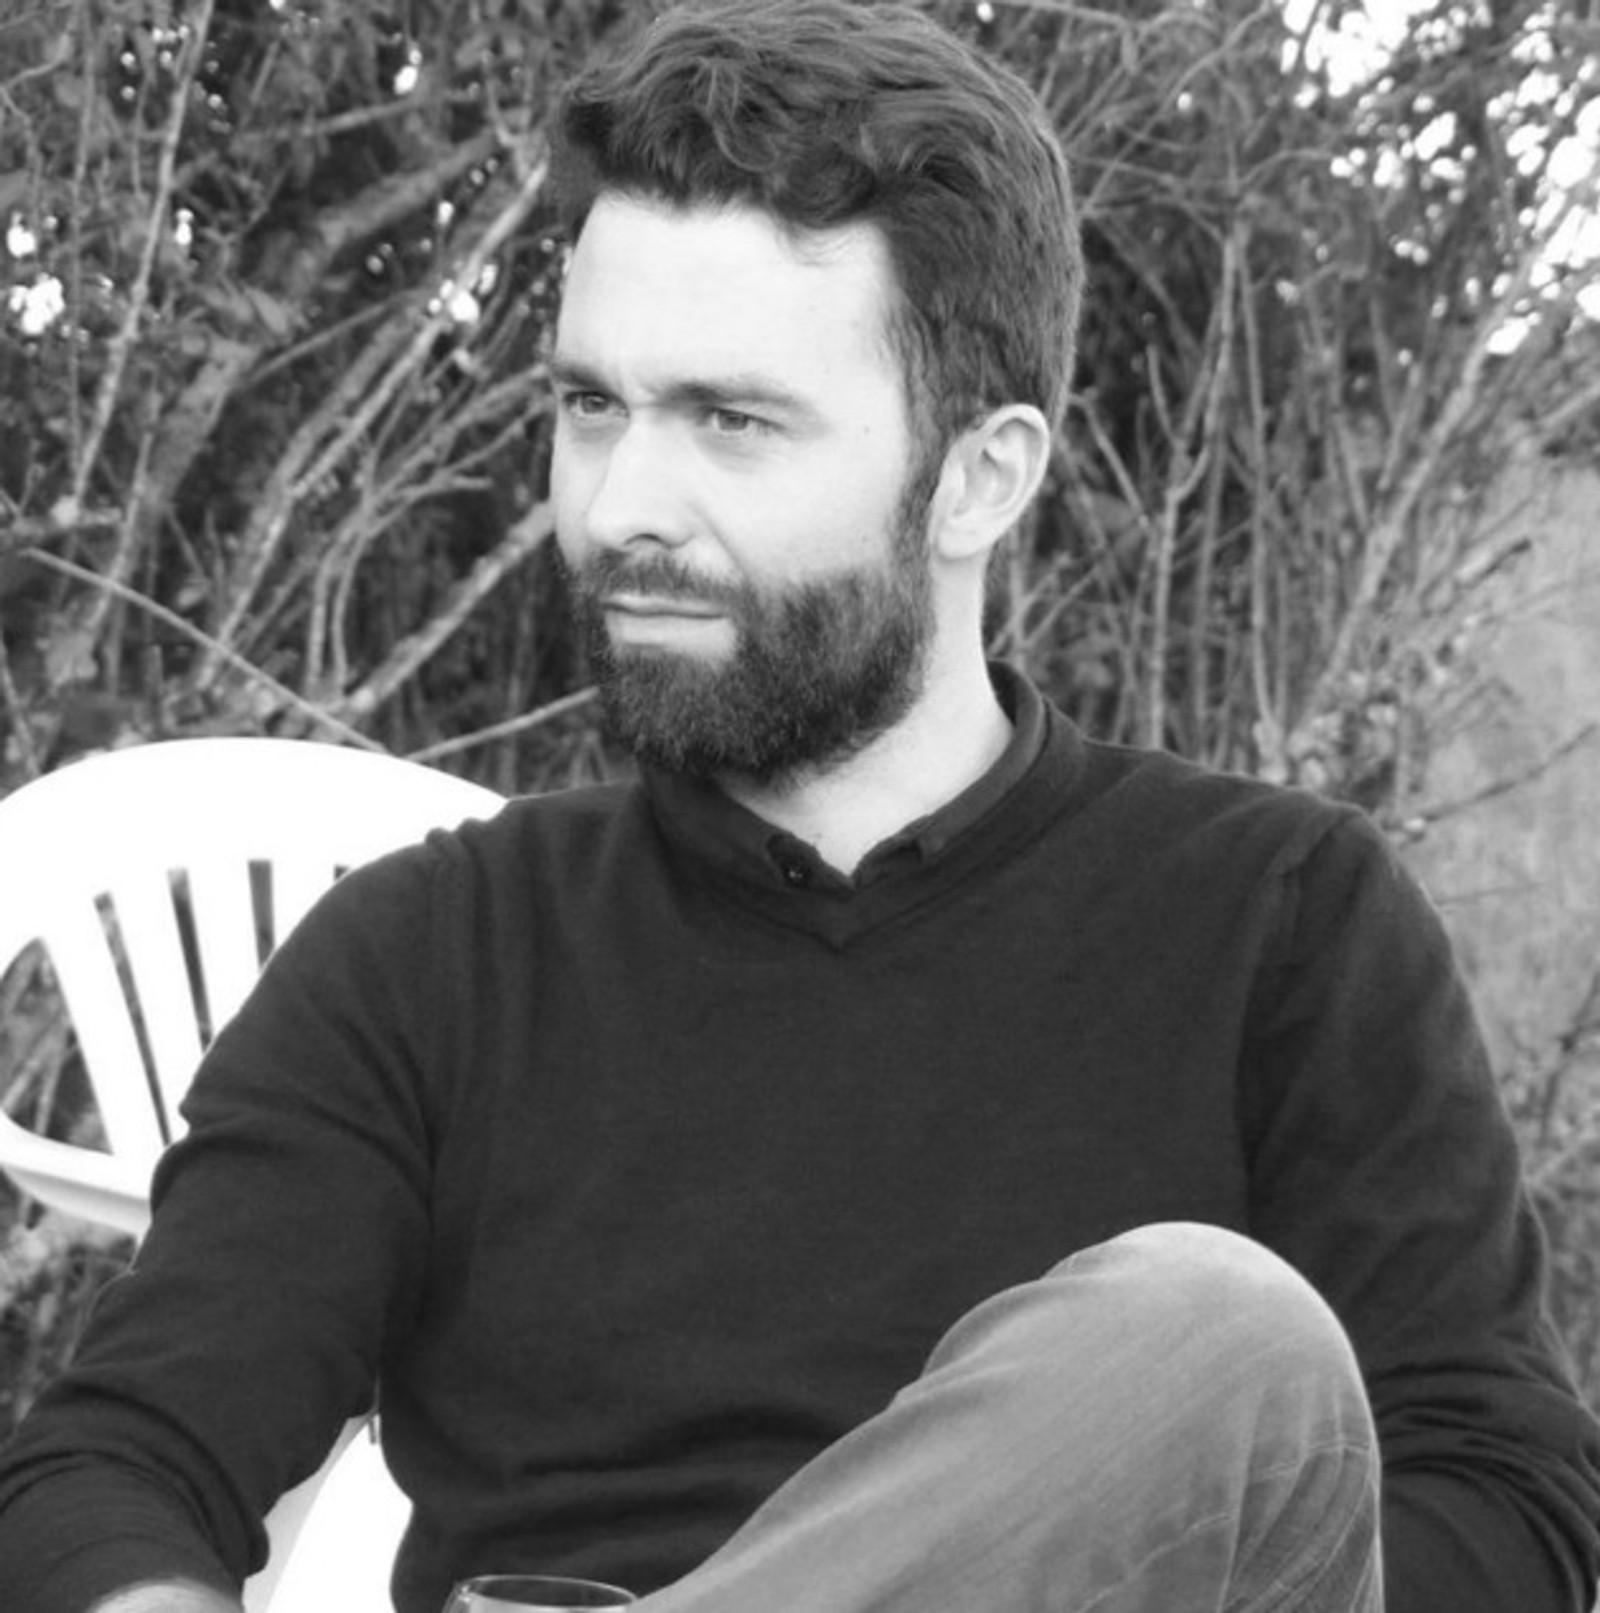 DREPT: Renaud Le Guen (29) ble drept i Bataclan. Han var på konsert med kollegene sine. Renauld blir beskrevet som en høflig, intelligent og omsorgsfull mann som alle elsket.